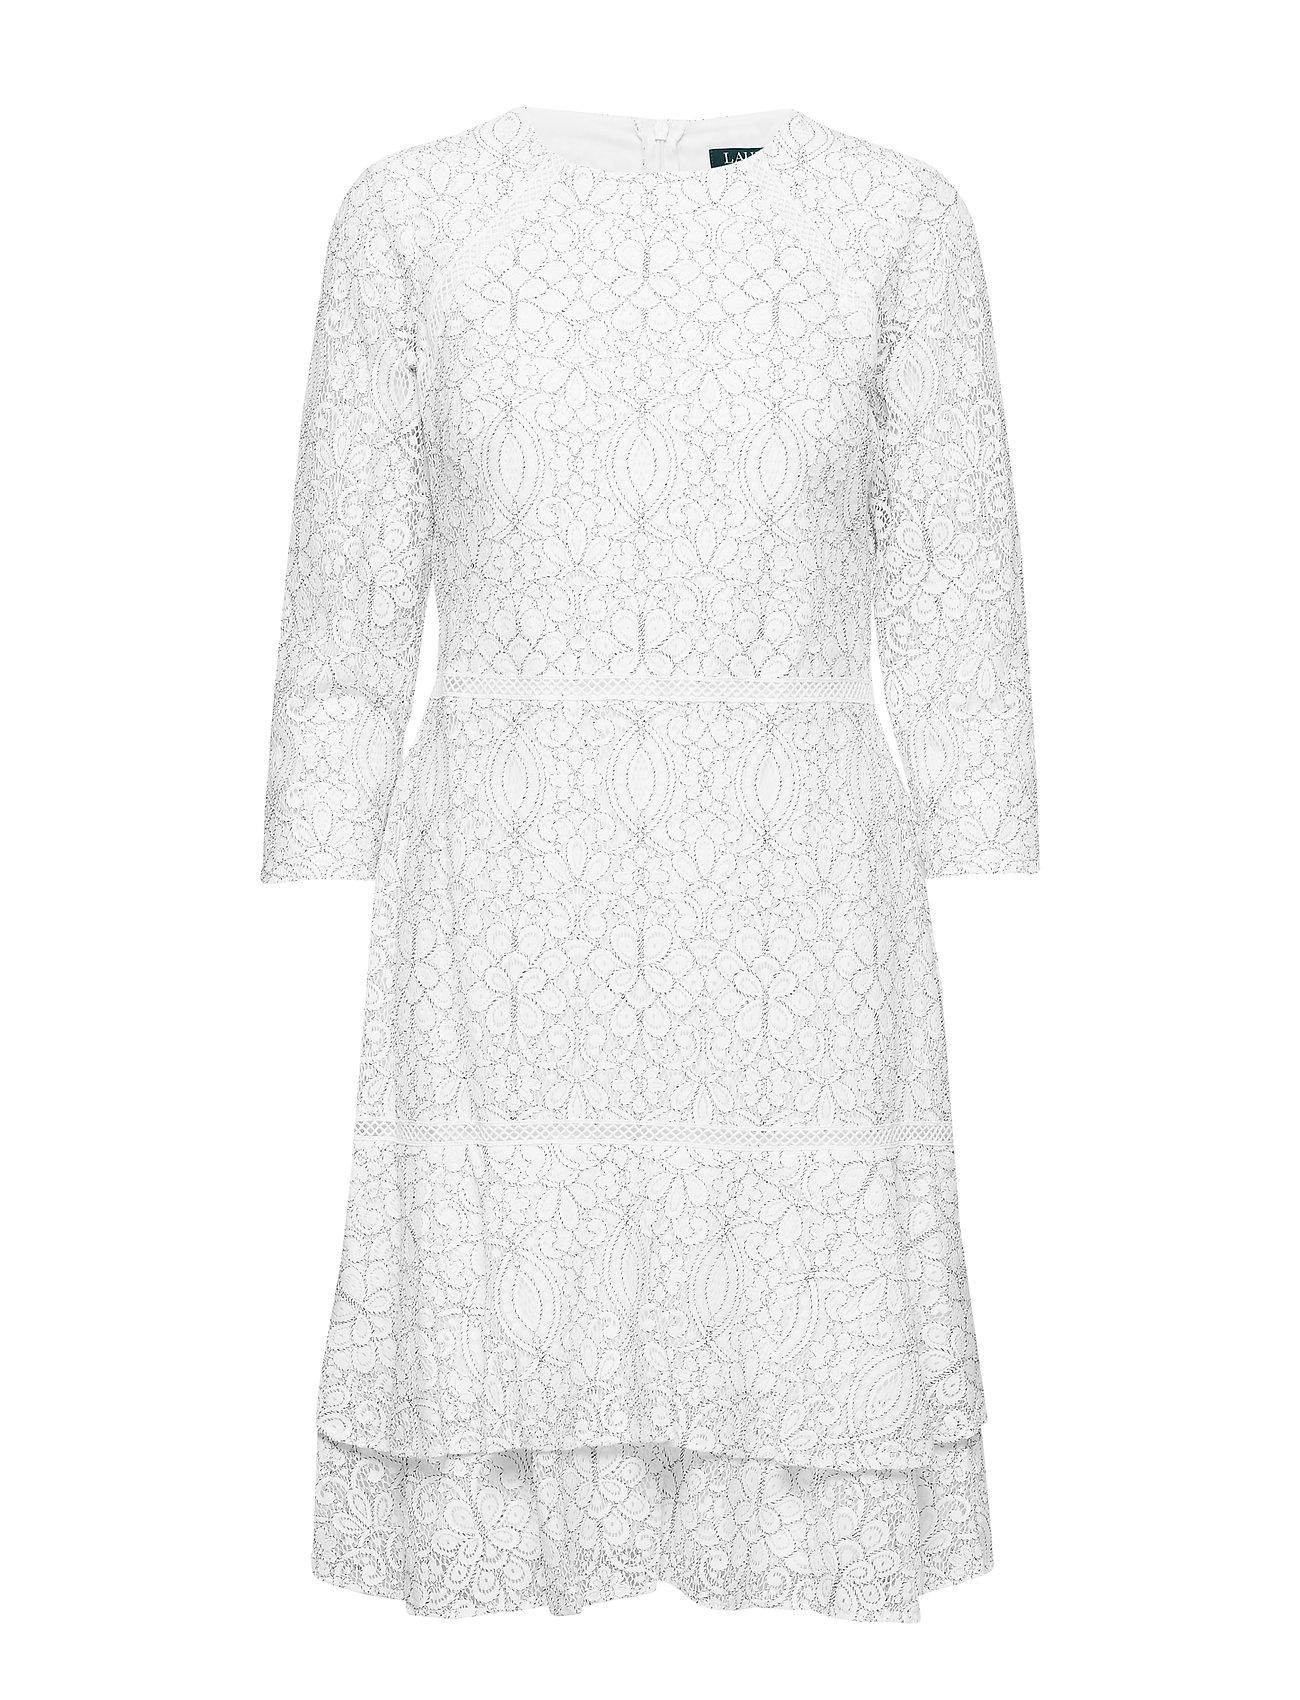 Lauren Ralph Lauren Lace Dress - LAUREN WHITE/BLAC